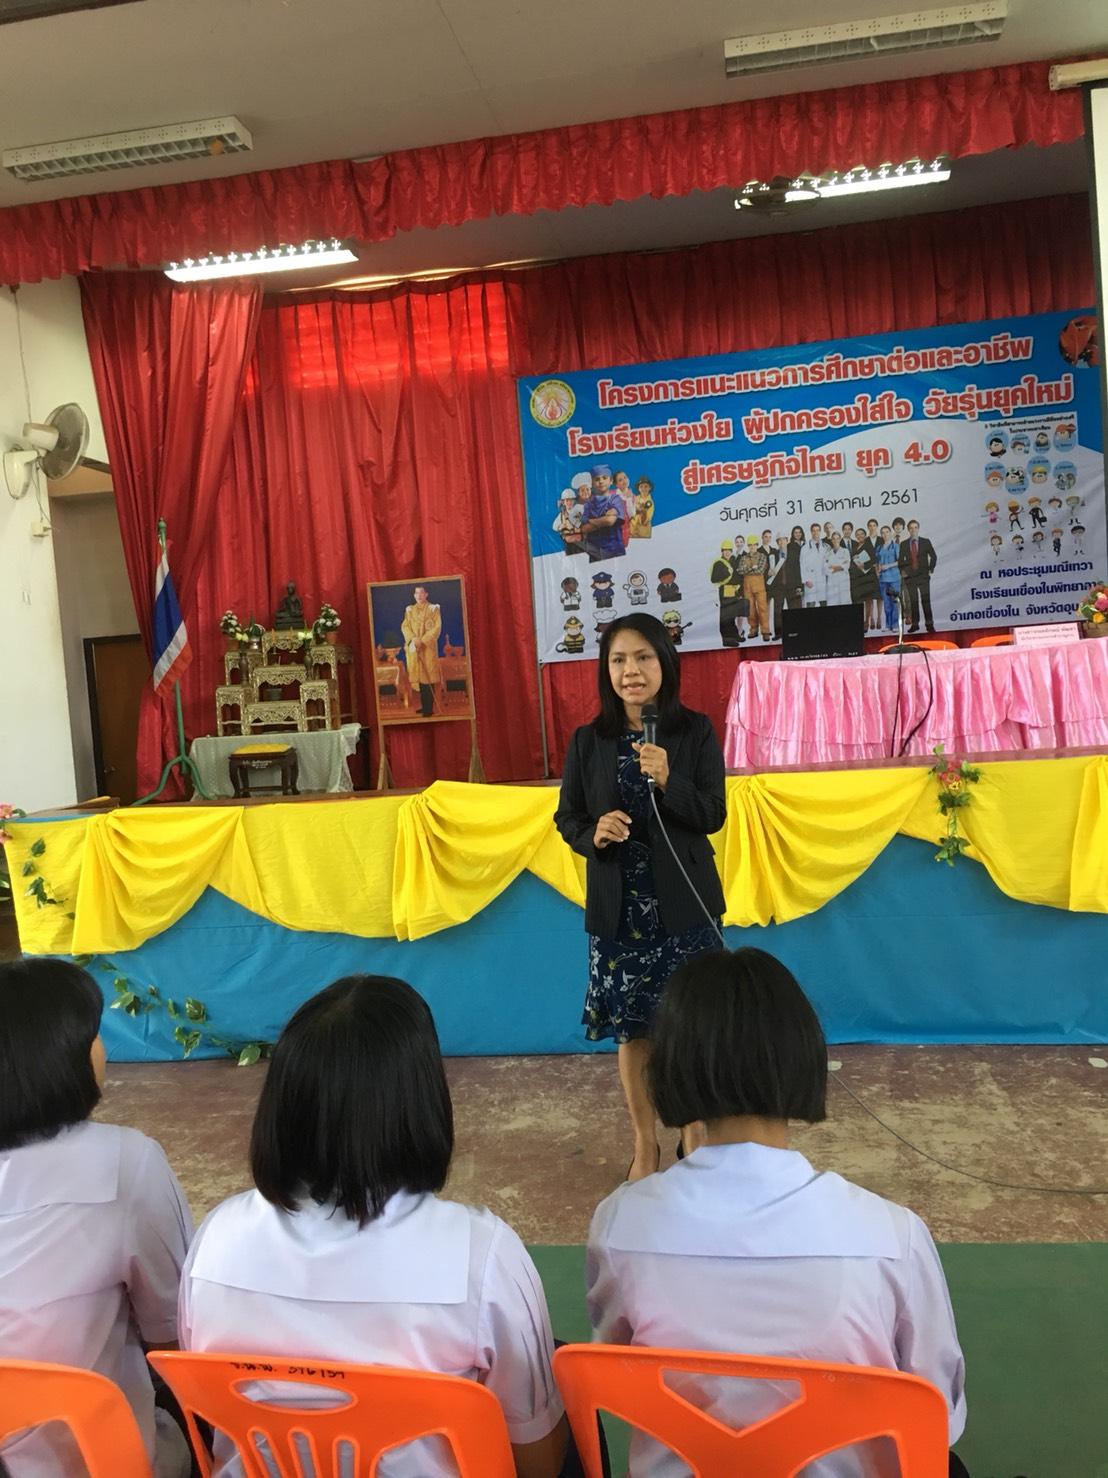 โครงการแนะแนวการศึกษาต่อและอาชีพโรงเรียนห่วงใย ผู้ปกครองใส่ใจ สู่เศรษฐกิจไทย ยุค 4.0